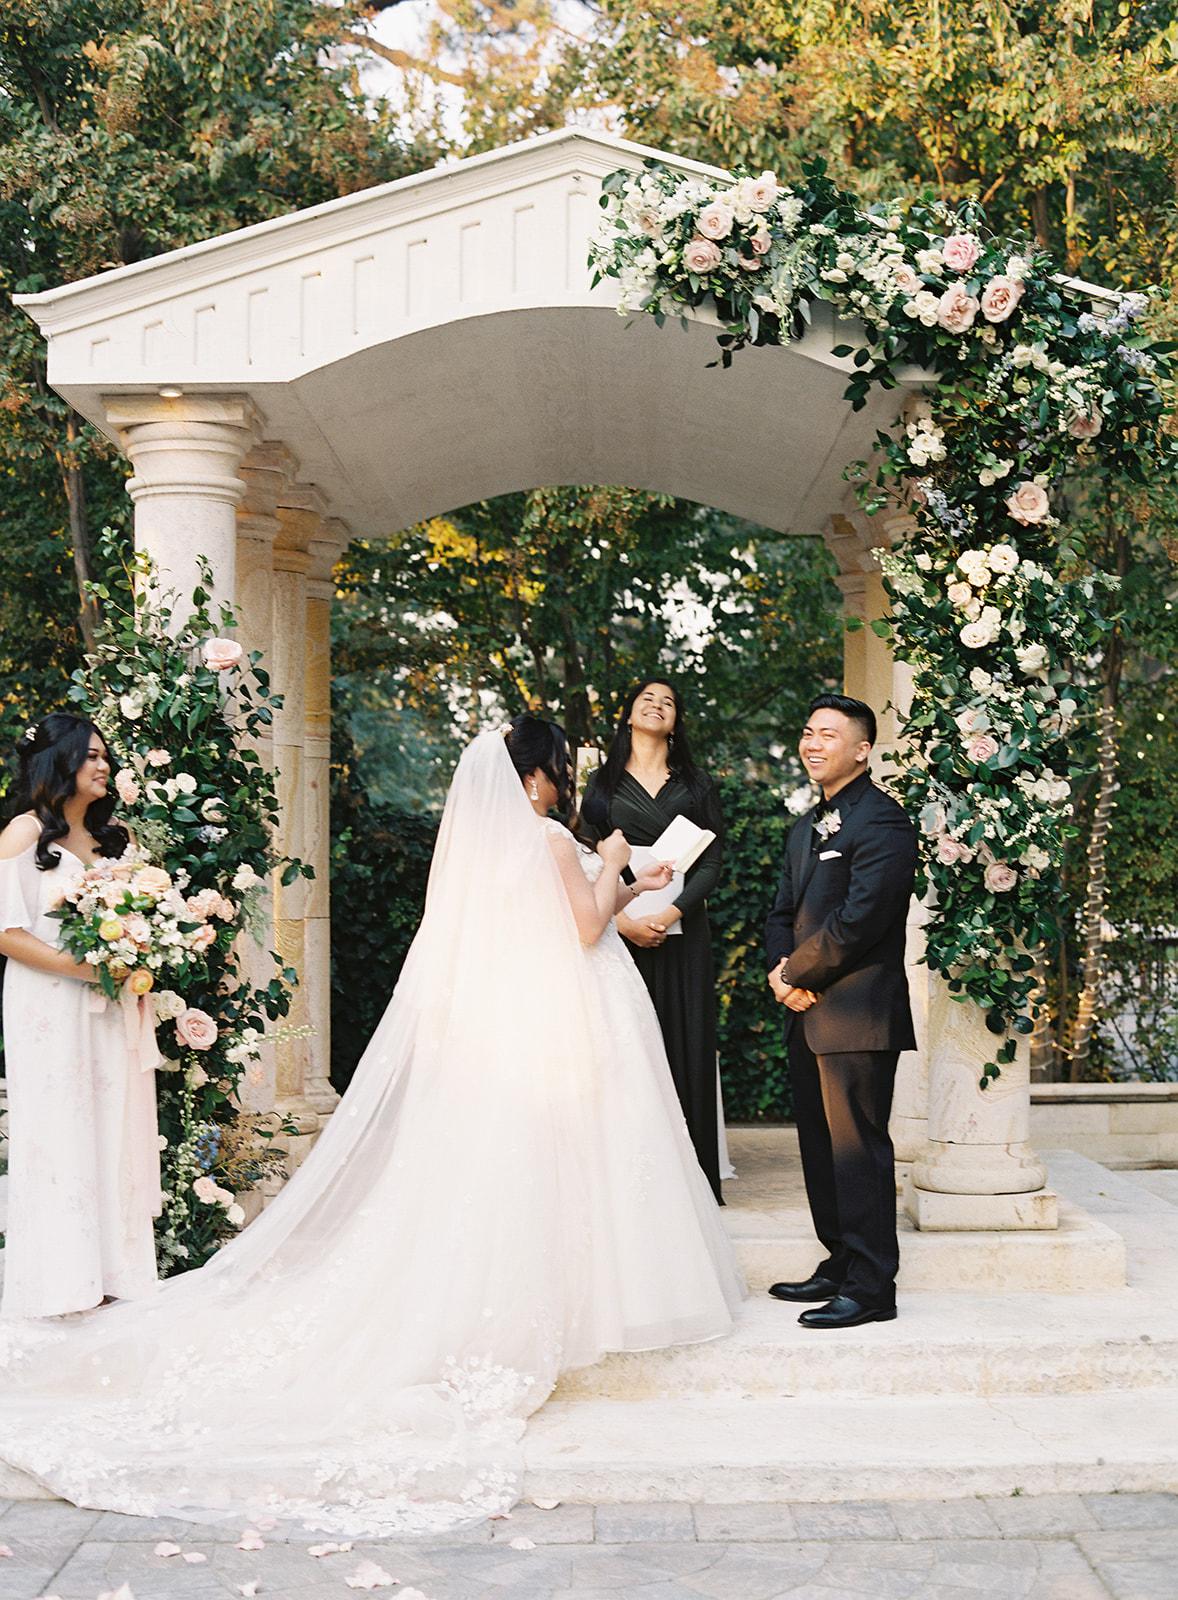 NathalieChengPhotography_AiahMichael_Wedding_487.jpg